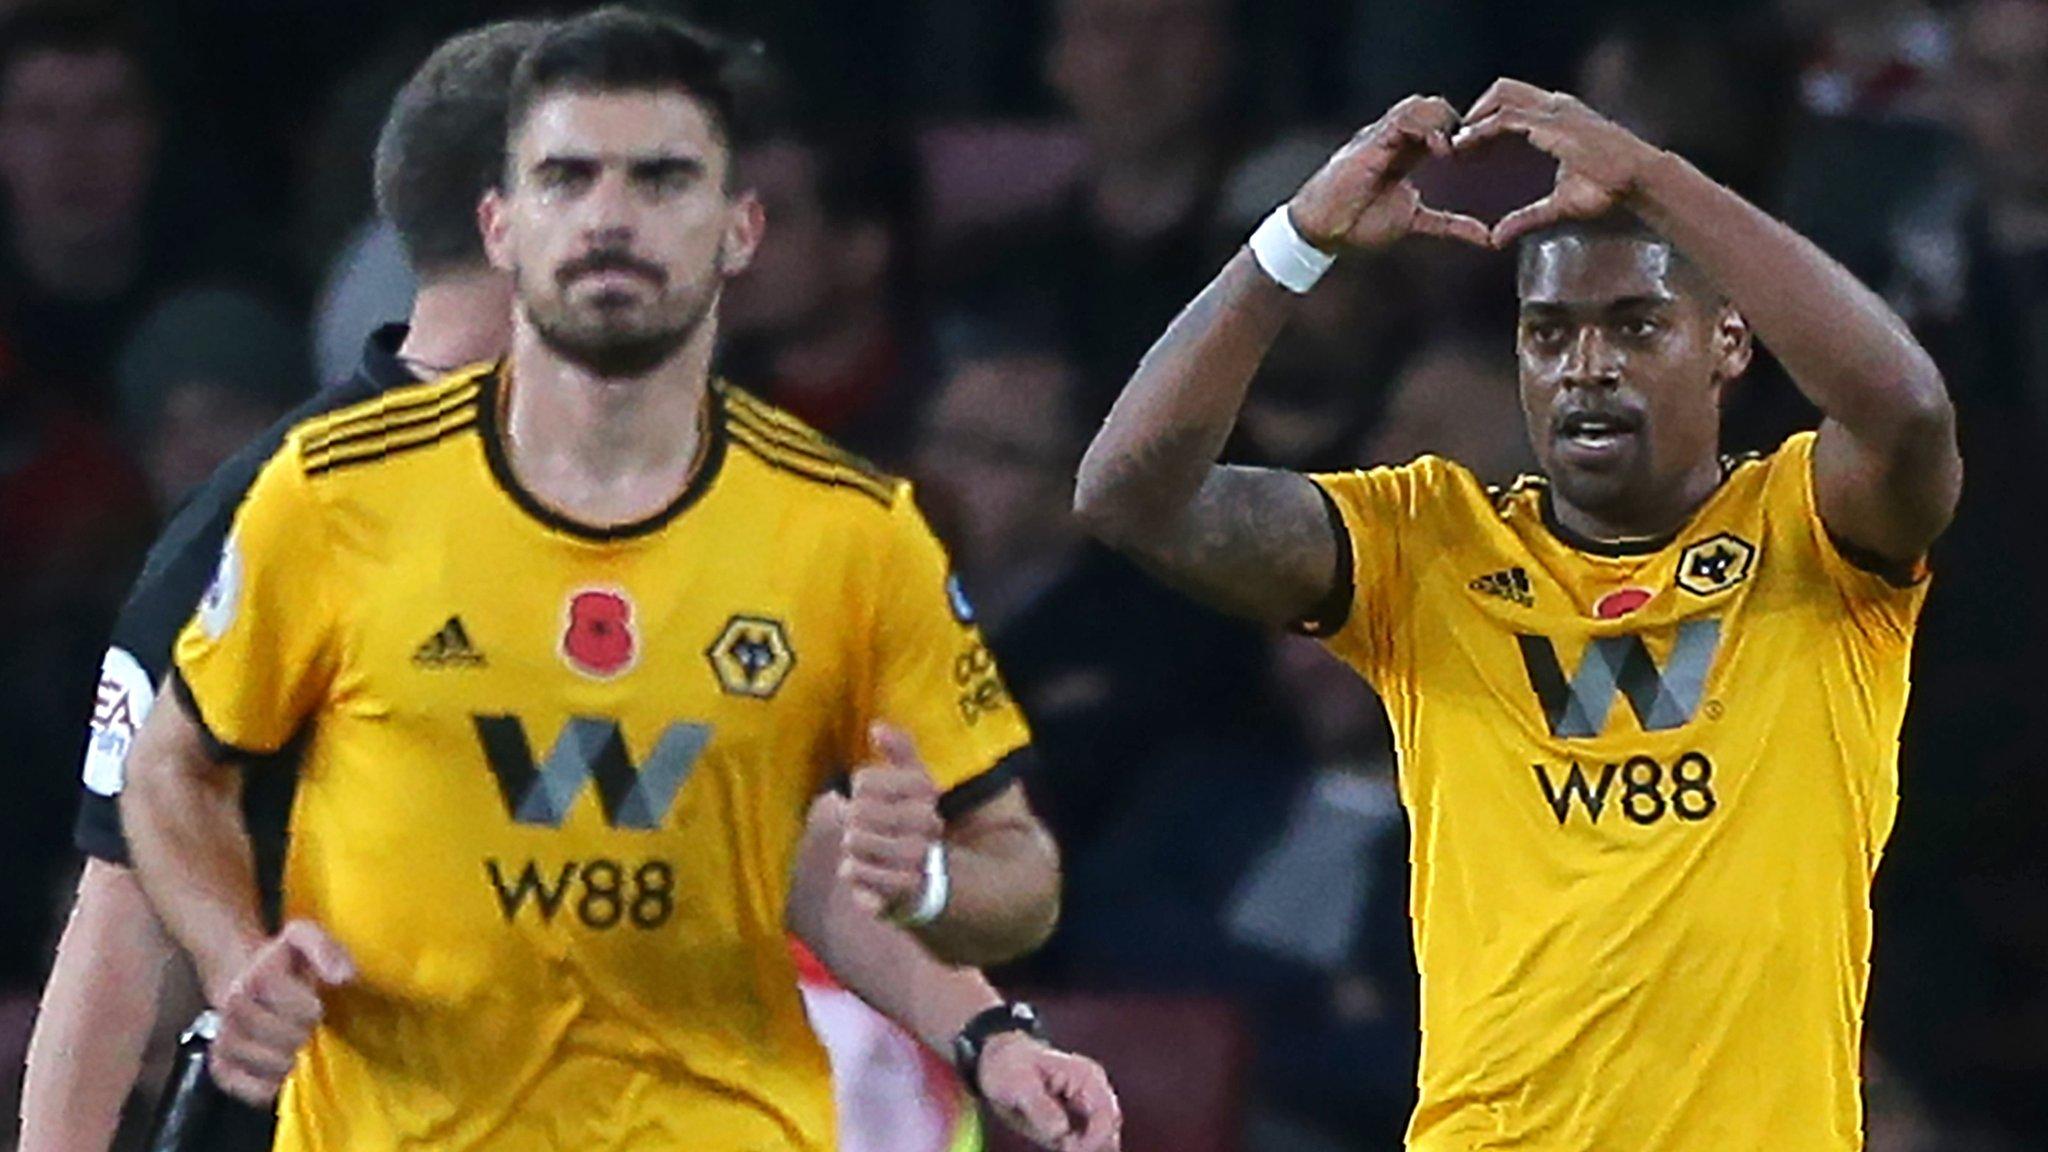 Arsenal 1-1 Wolverhampton Wanderers: Mkhitaryan rescues Gunners